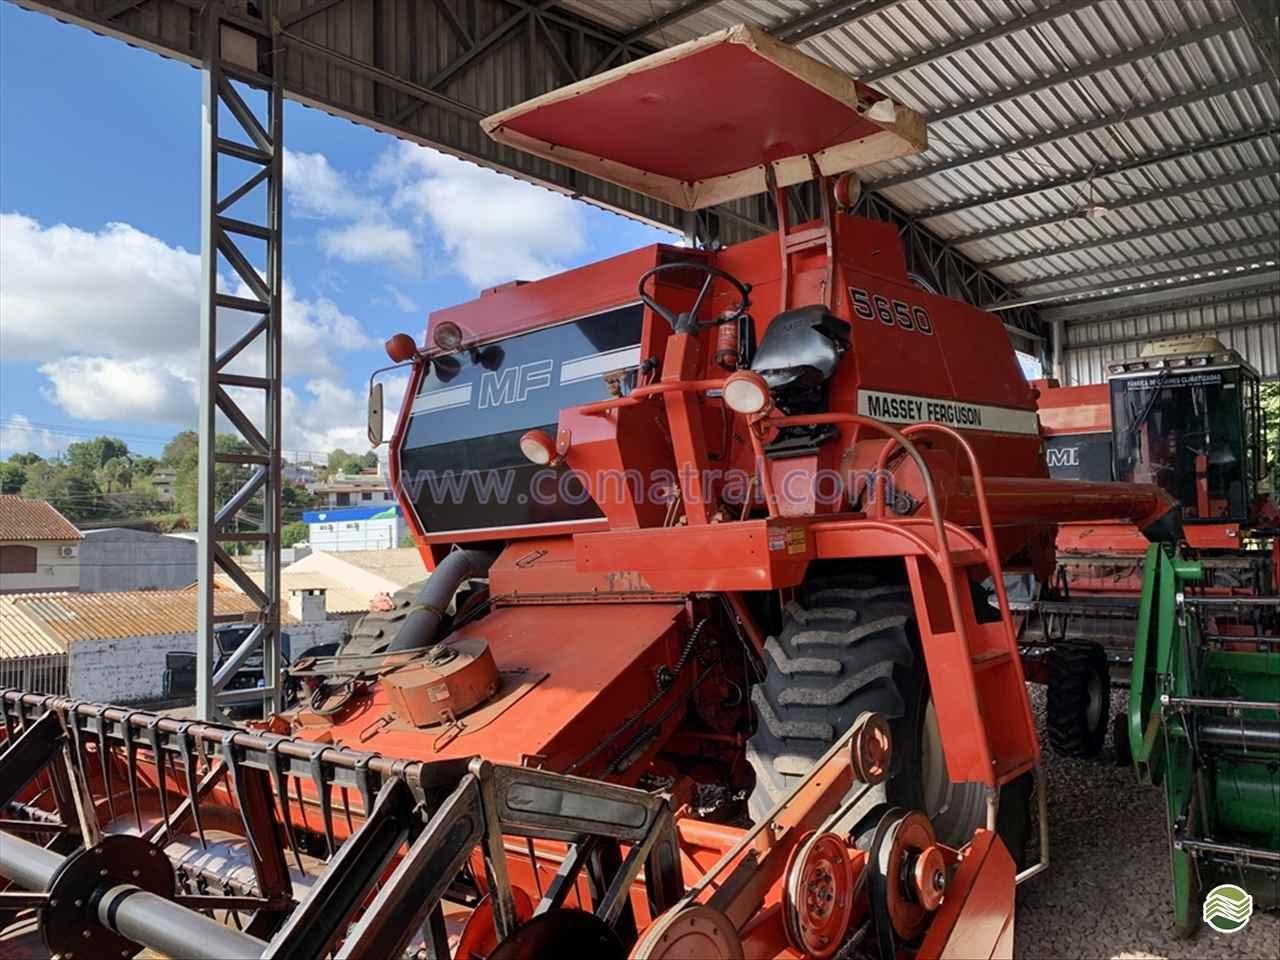 COLHEITADEIRA MASSEY FERGUSON MF 5650 Comatral Caminhões e Máquinas Agrícolas PANAMBI RIO GRANDE DO SUL RS